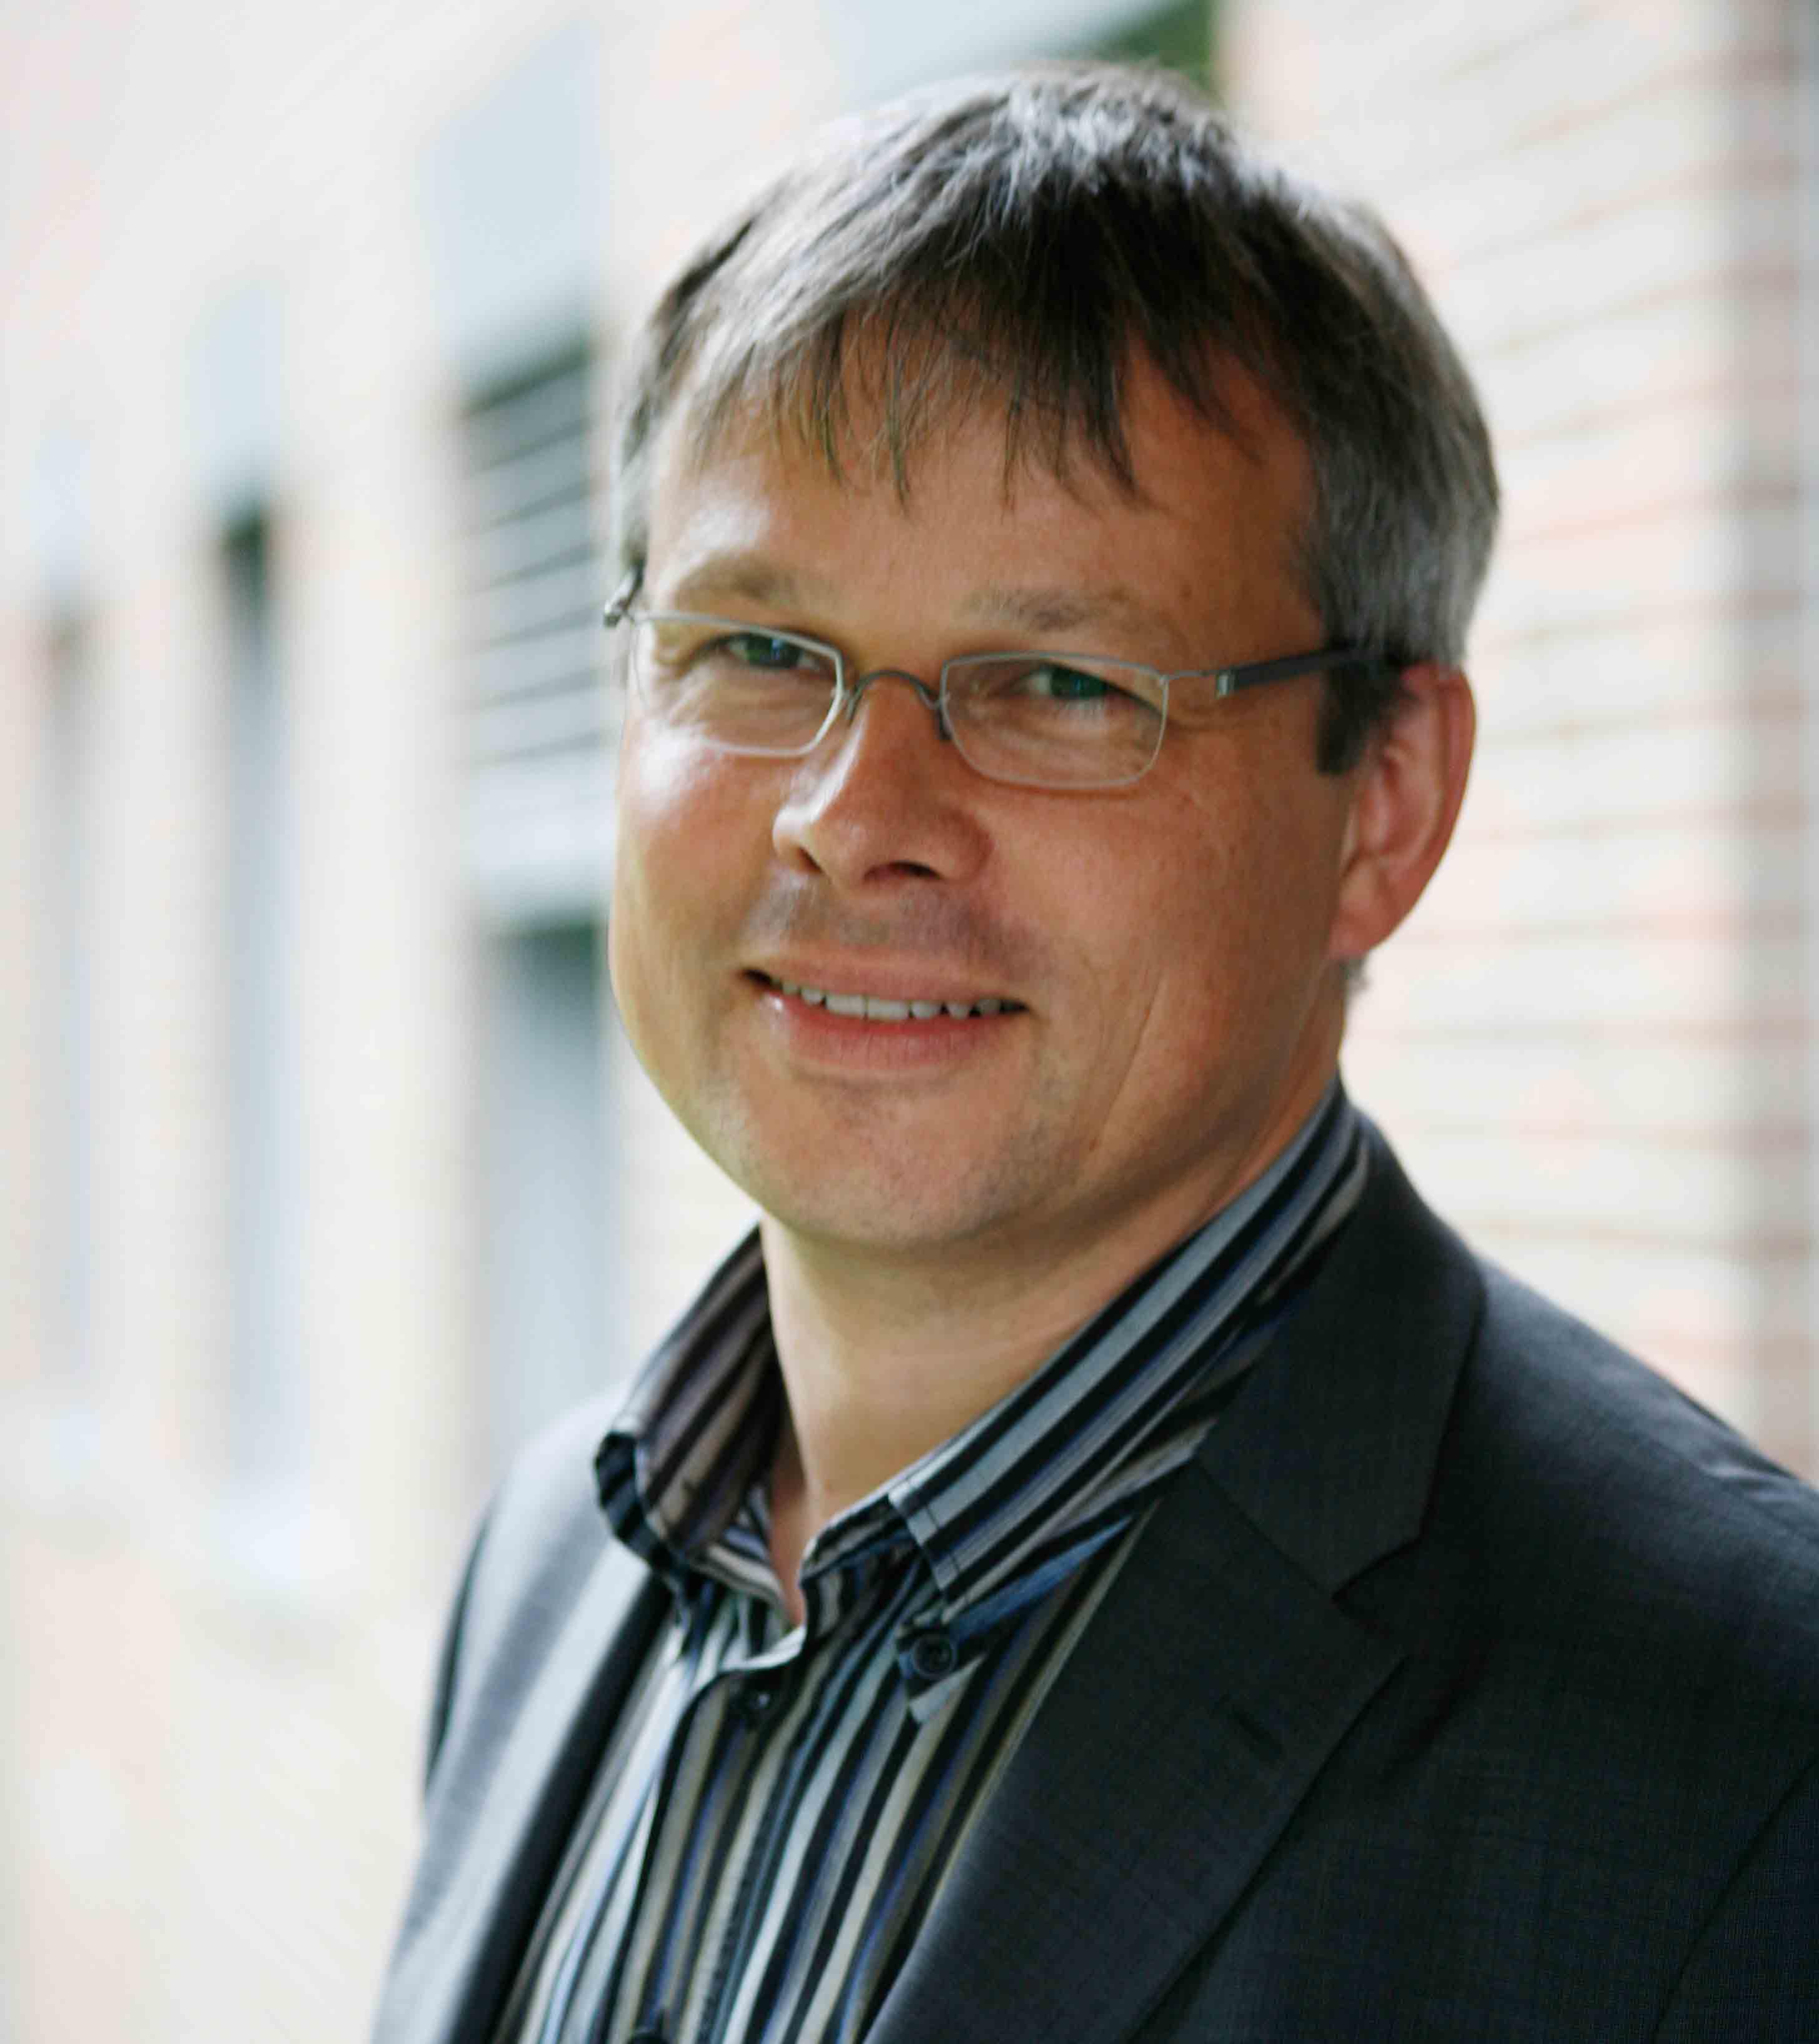 Martin Banse